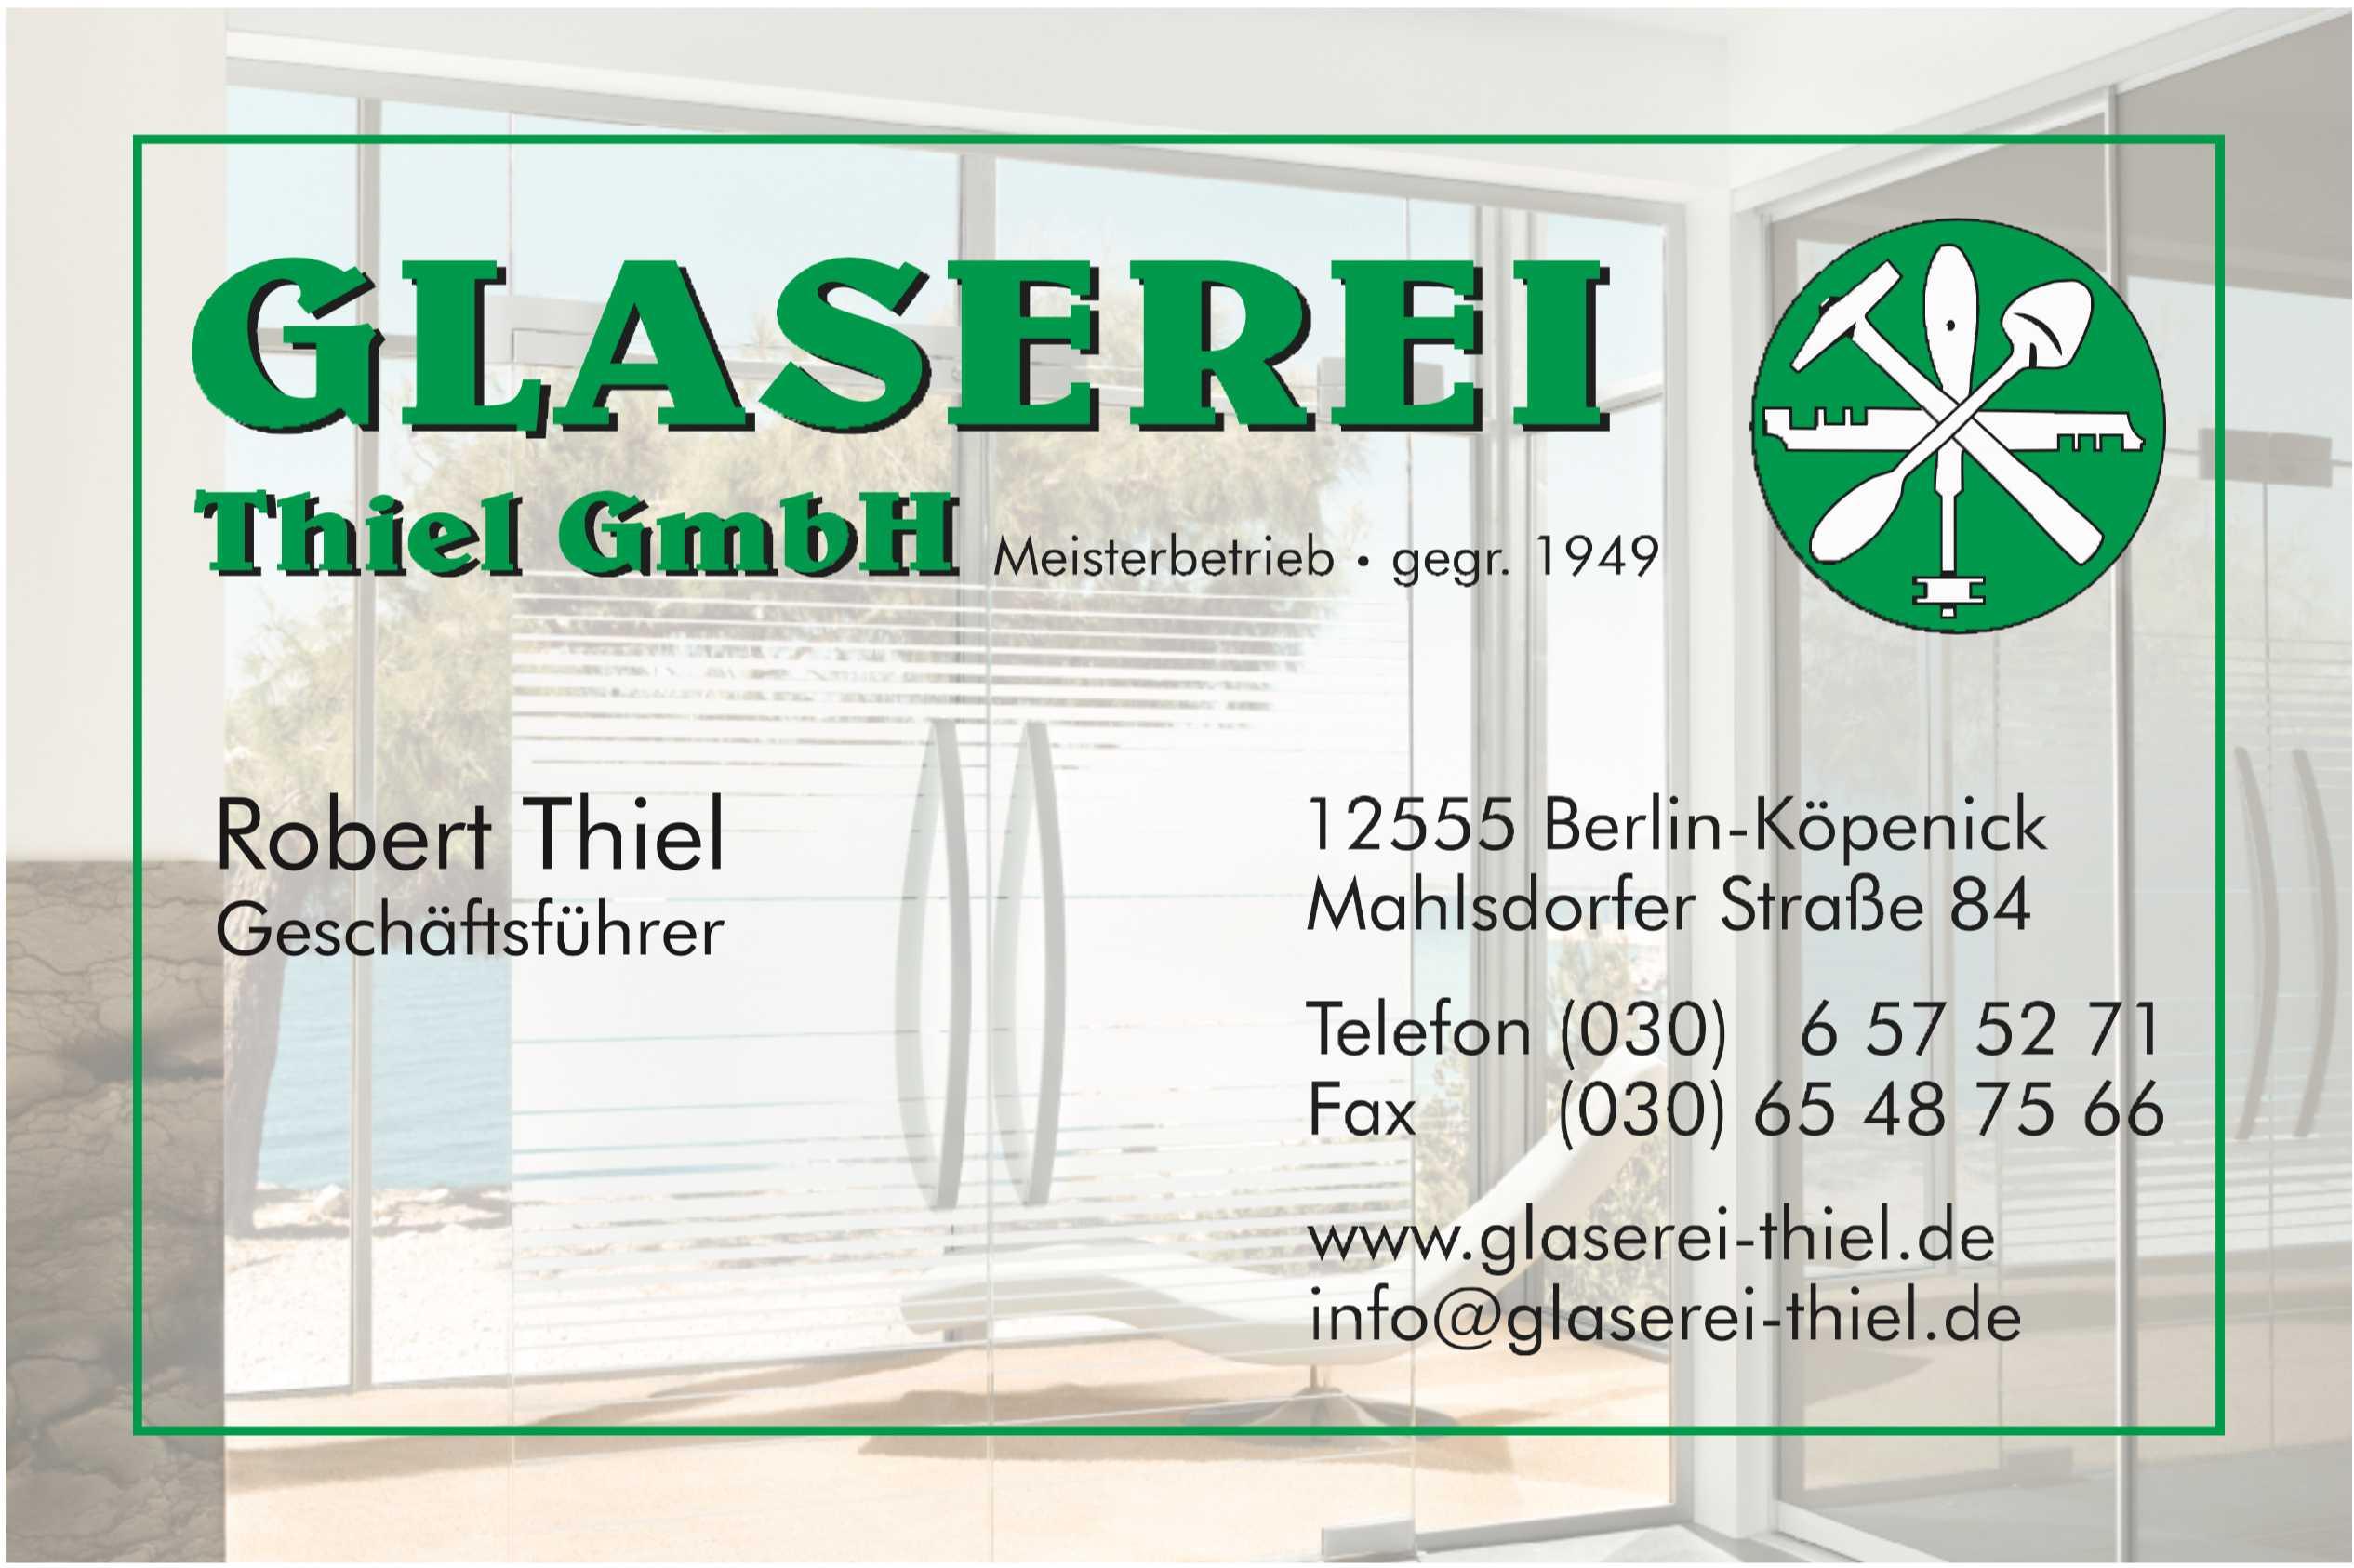 Visitenkarten Werbeagentur Cwn Berlin City Werbung News